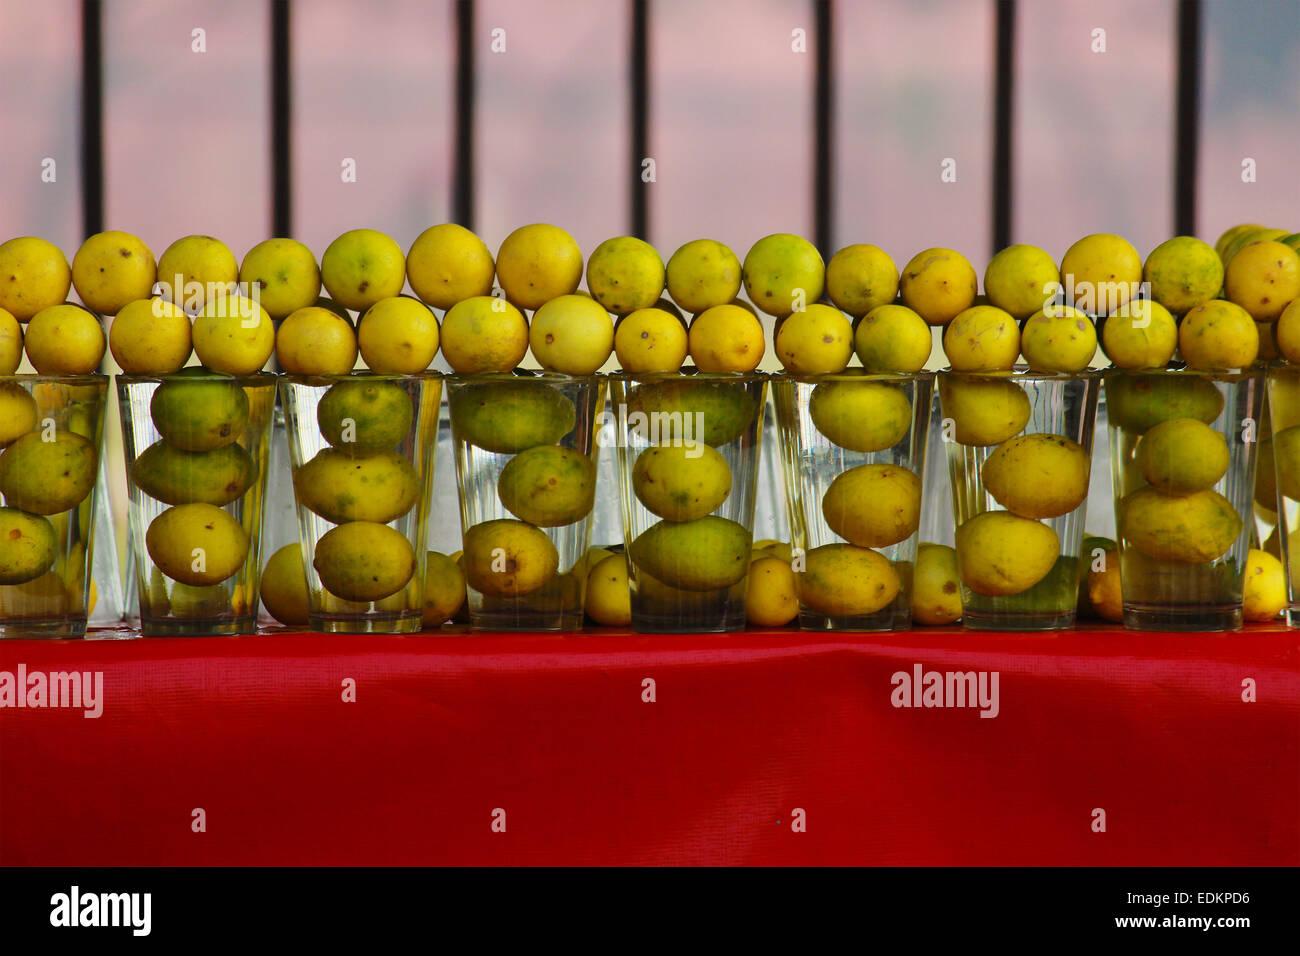 Boissons, carafe, agrumes, froid, cubes, verre, frais, fruits, jardin, verre, faits maison, de la glace, l'icecube, jug, jus, citron, limonade, Banque D'Images